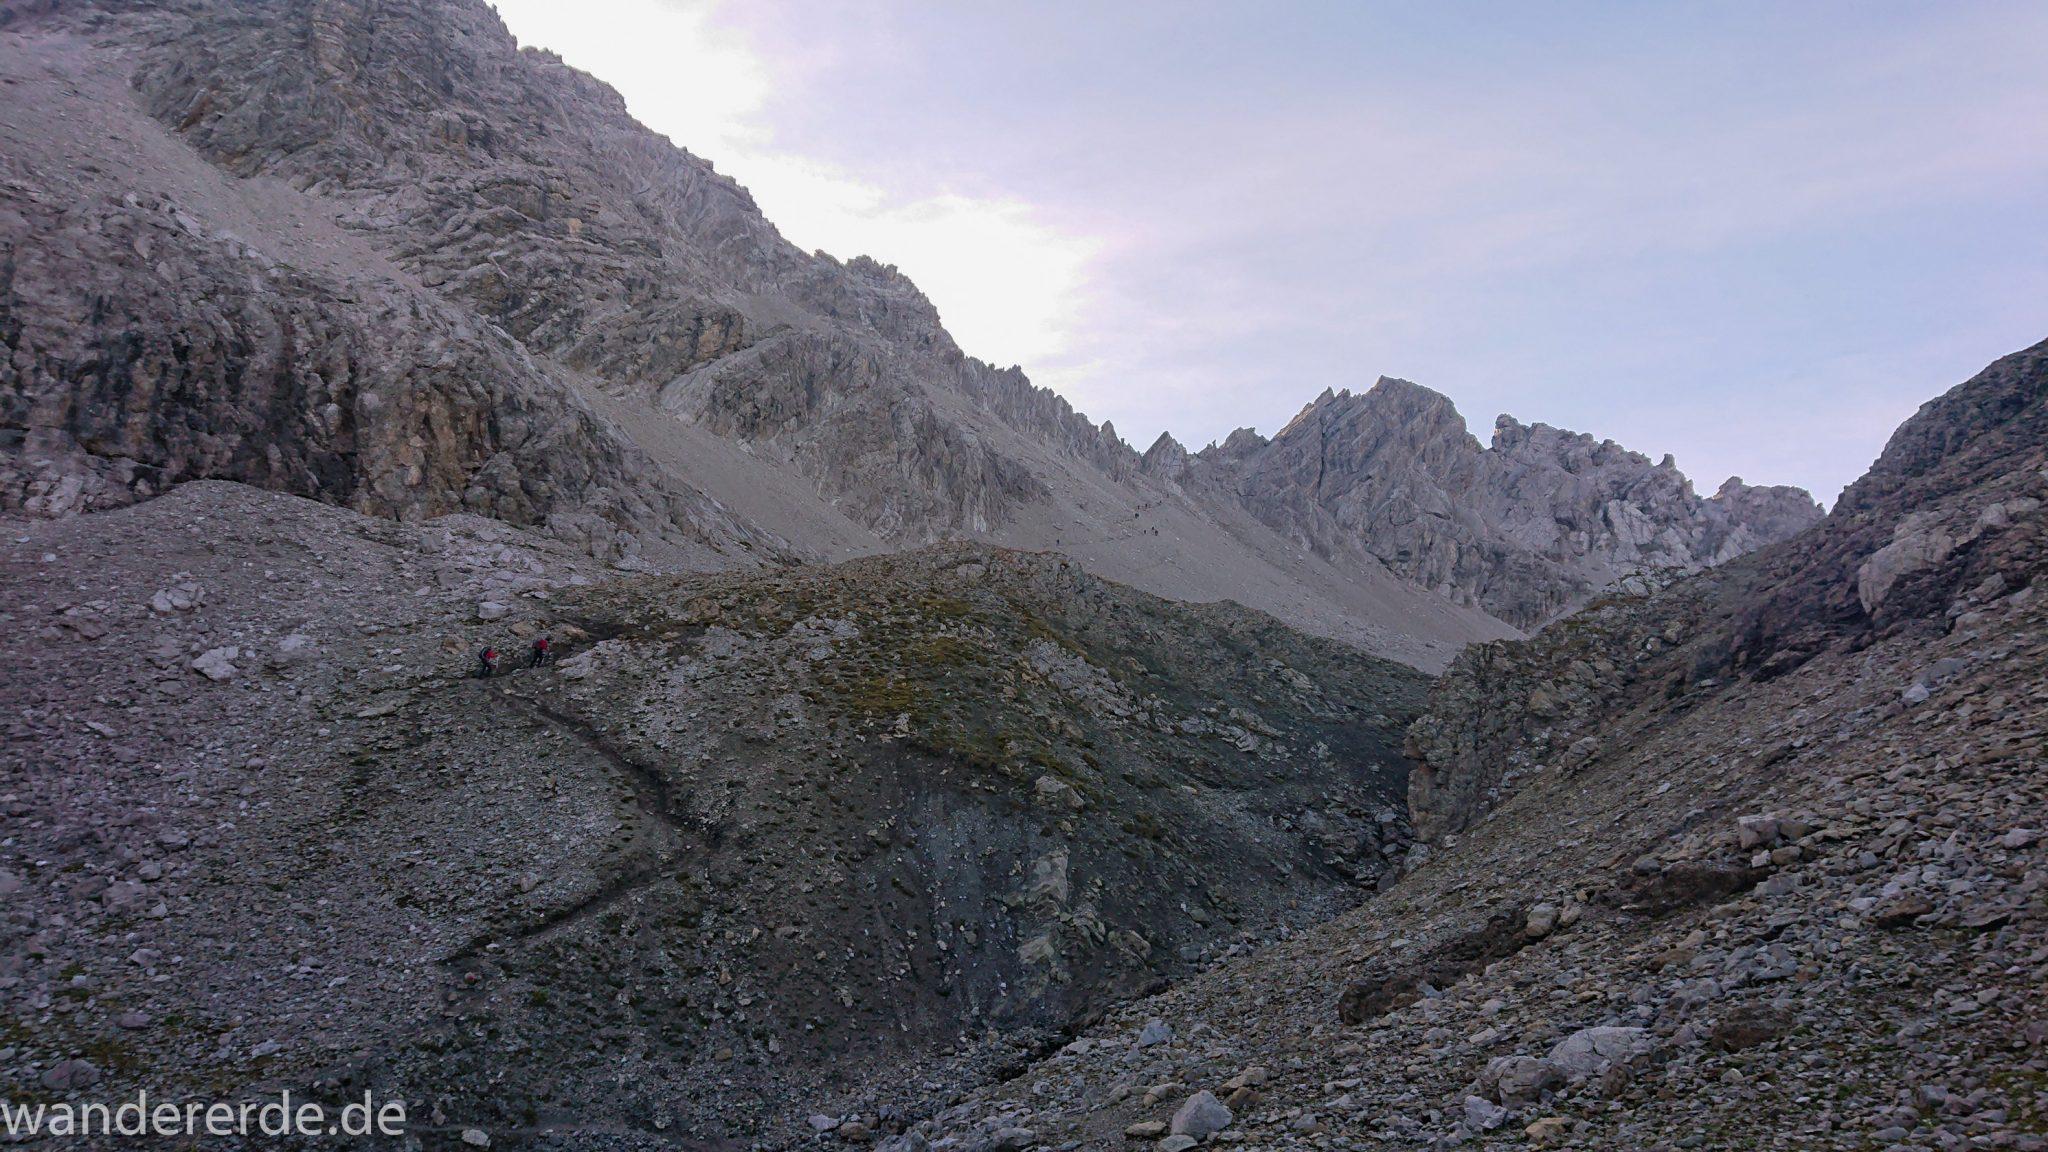 Alpenüberquerung Fernwanderweg E5 Oberstdorf Meran, 3. Etappe von Memminger Hütte zur Skihütte Zams, E5 Wanderweg führt zu Beginn der dritten Etappe ab der Memminger Hütte über steilen und ausgesetzten Wanderweg über die Seescharte, Blick auf Wanderer während Aufstieg zur Seescharte auf sehr schmalem Wanderweg über viel Geröll, Aussicht auf Berge der Alpen